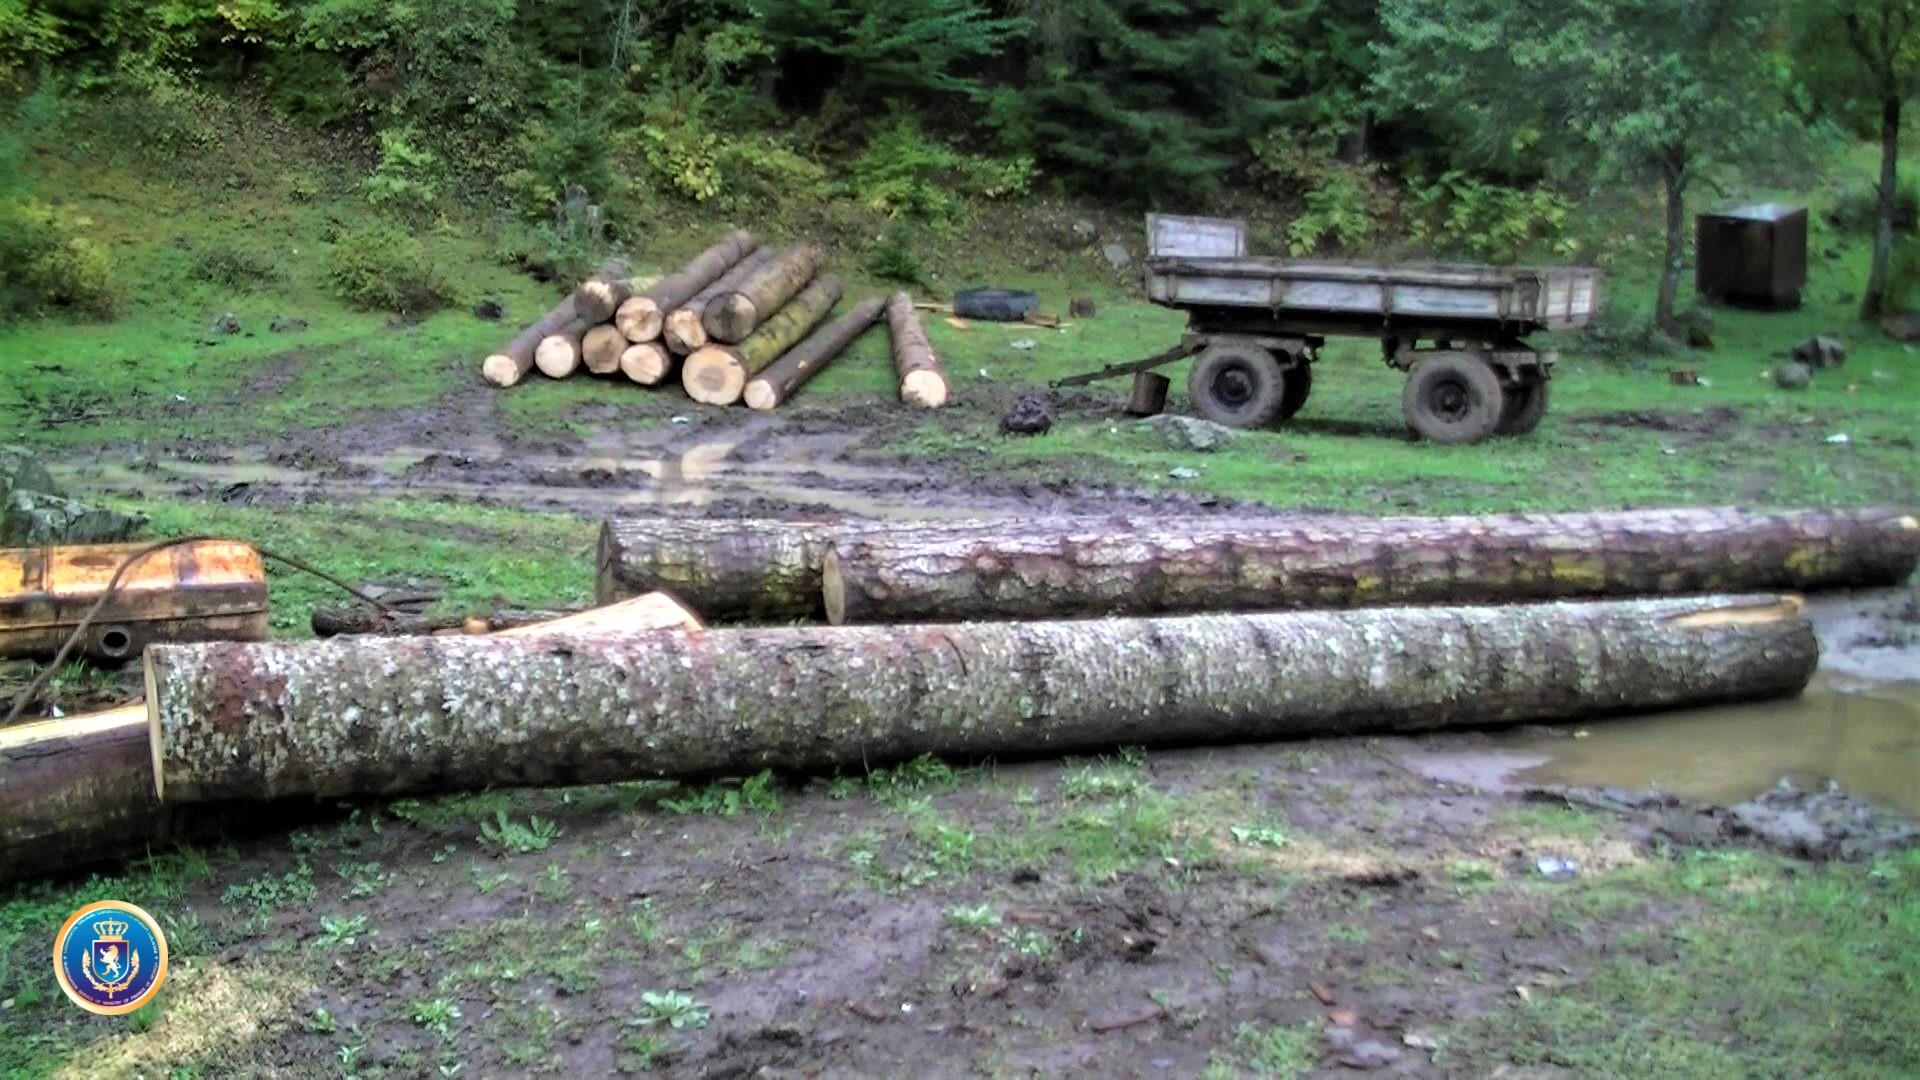 ხე-ბუჩქნარის გაჩეხვისა და ყალბი ზედნადებებისდამზადებისბრალდებითერთი პირიდააკავეს